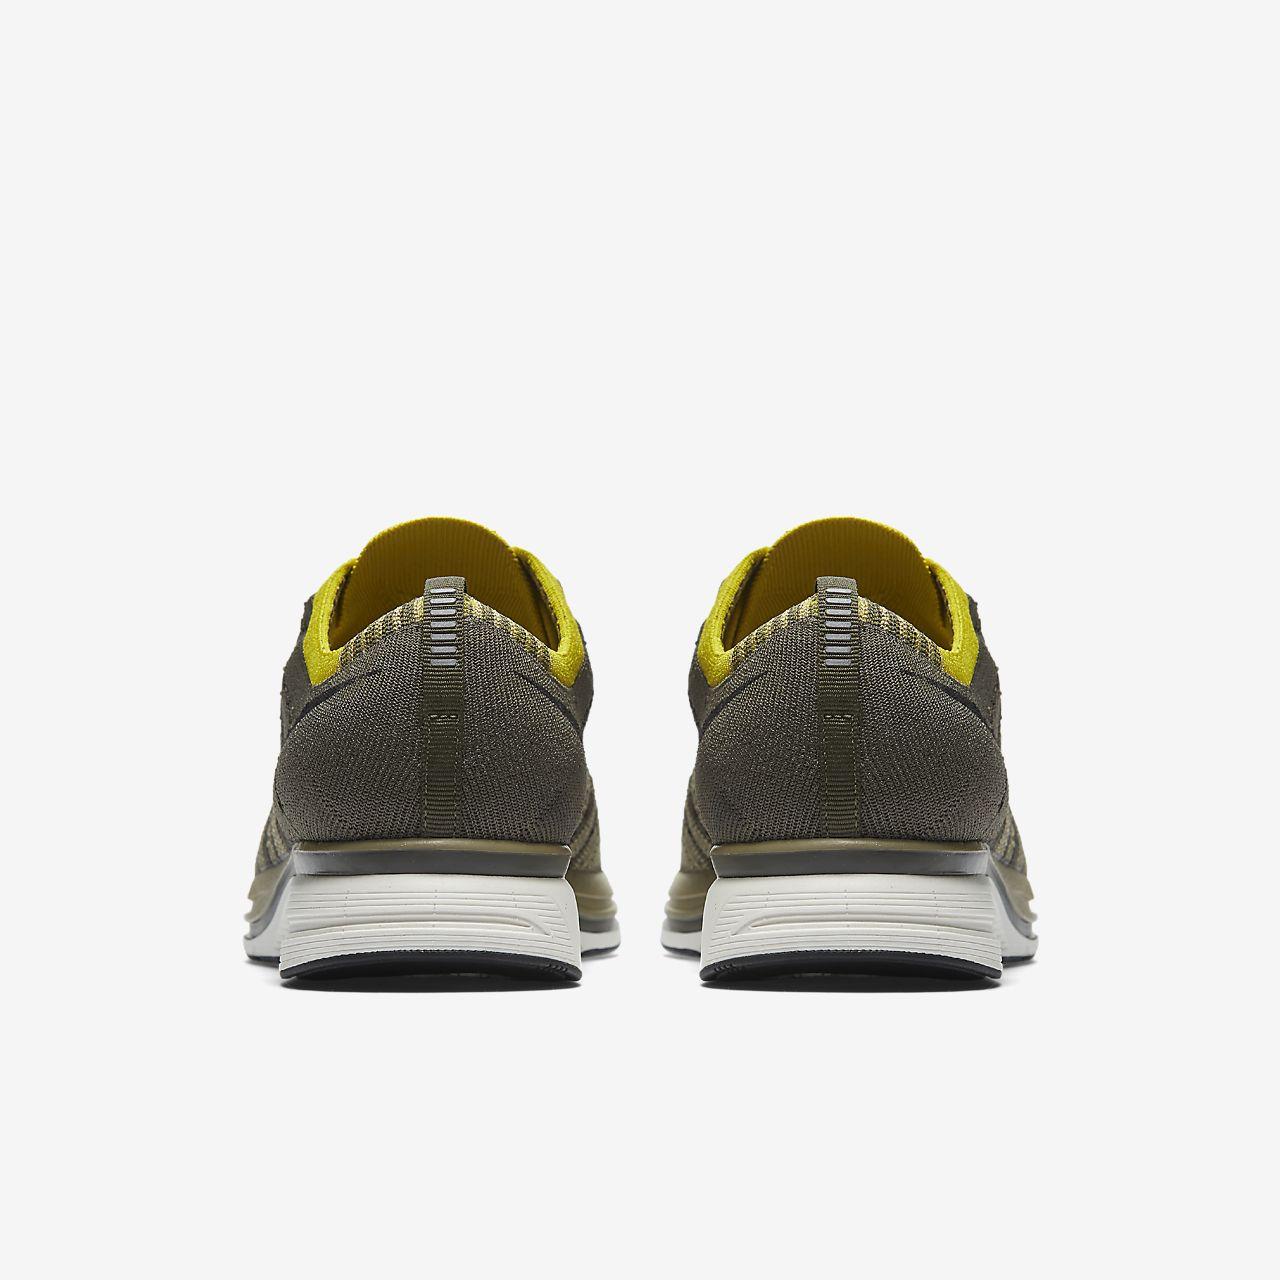 862e5aa449204 Nike Flyknit Trainer Unisex Shoe. Nike.com NZ